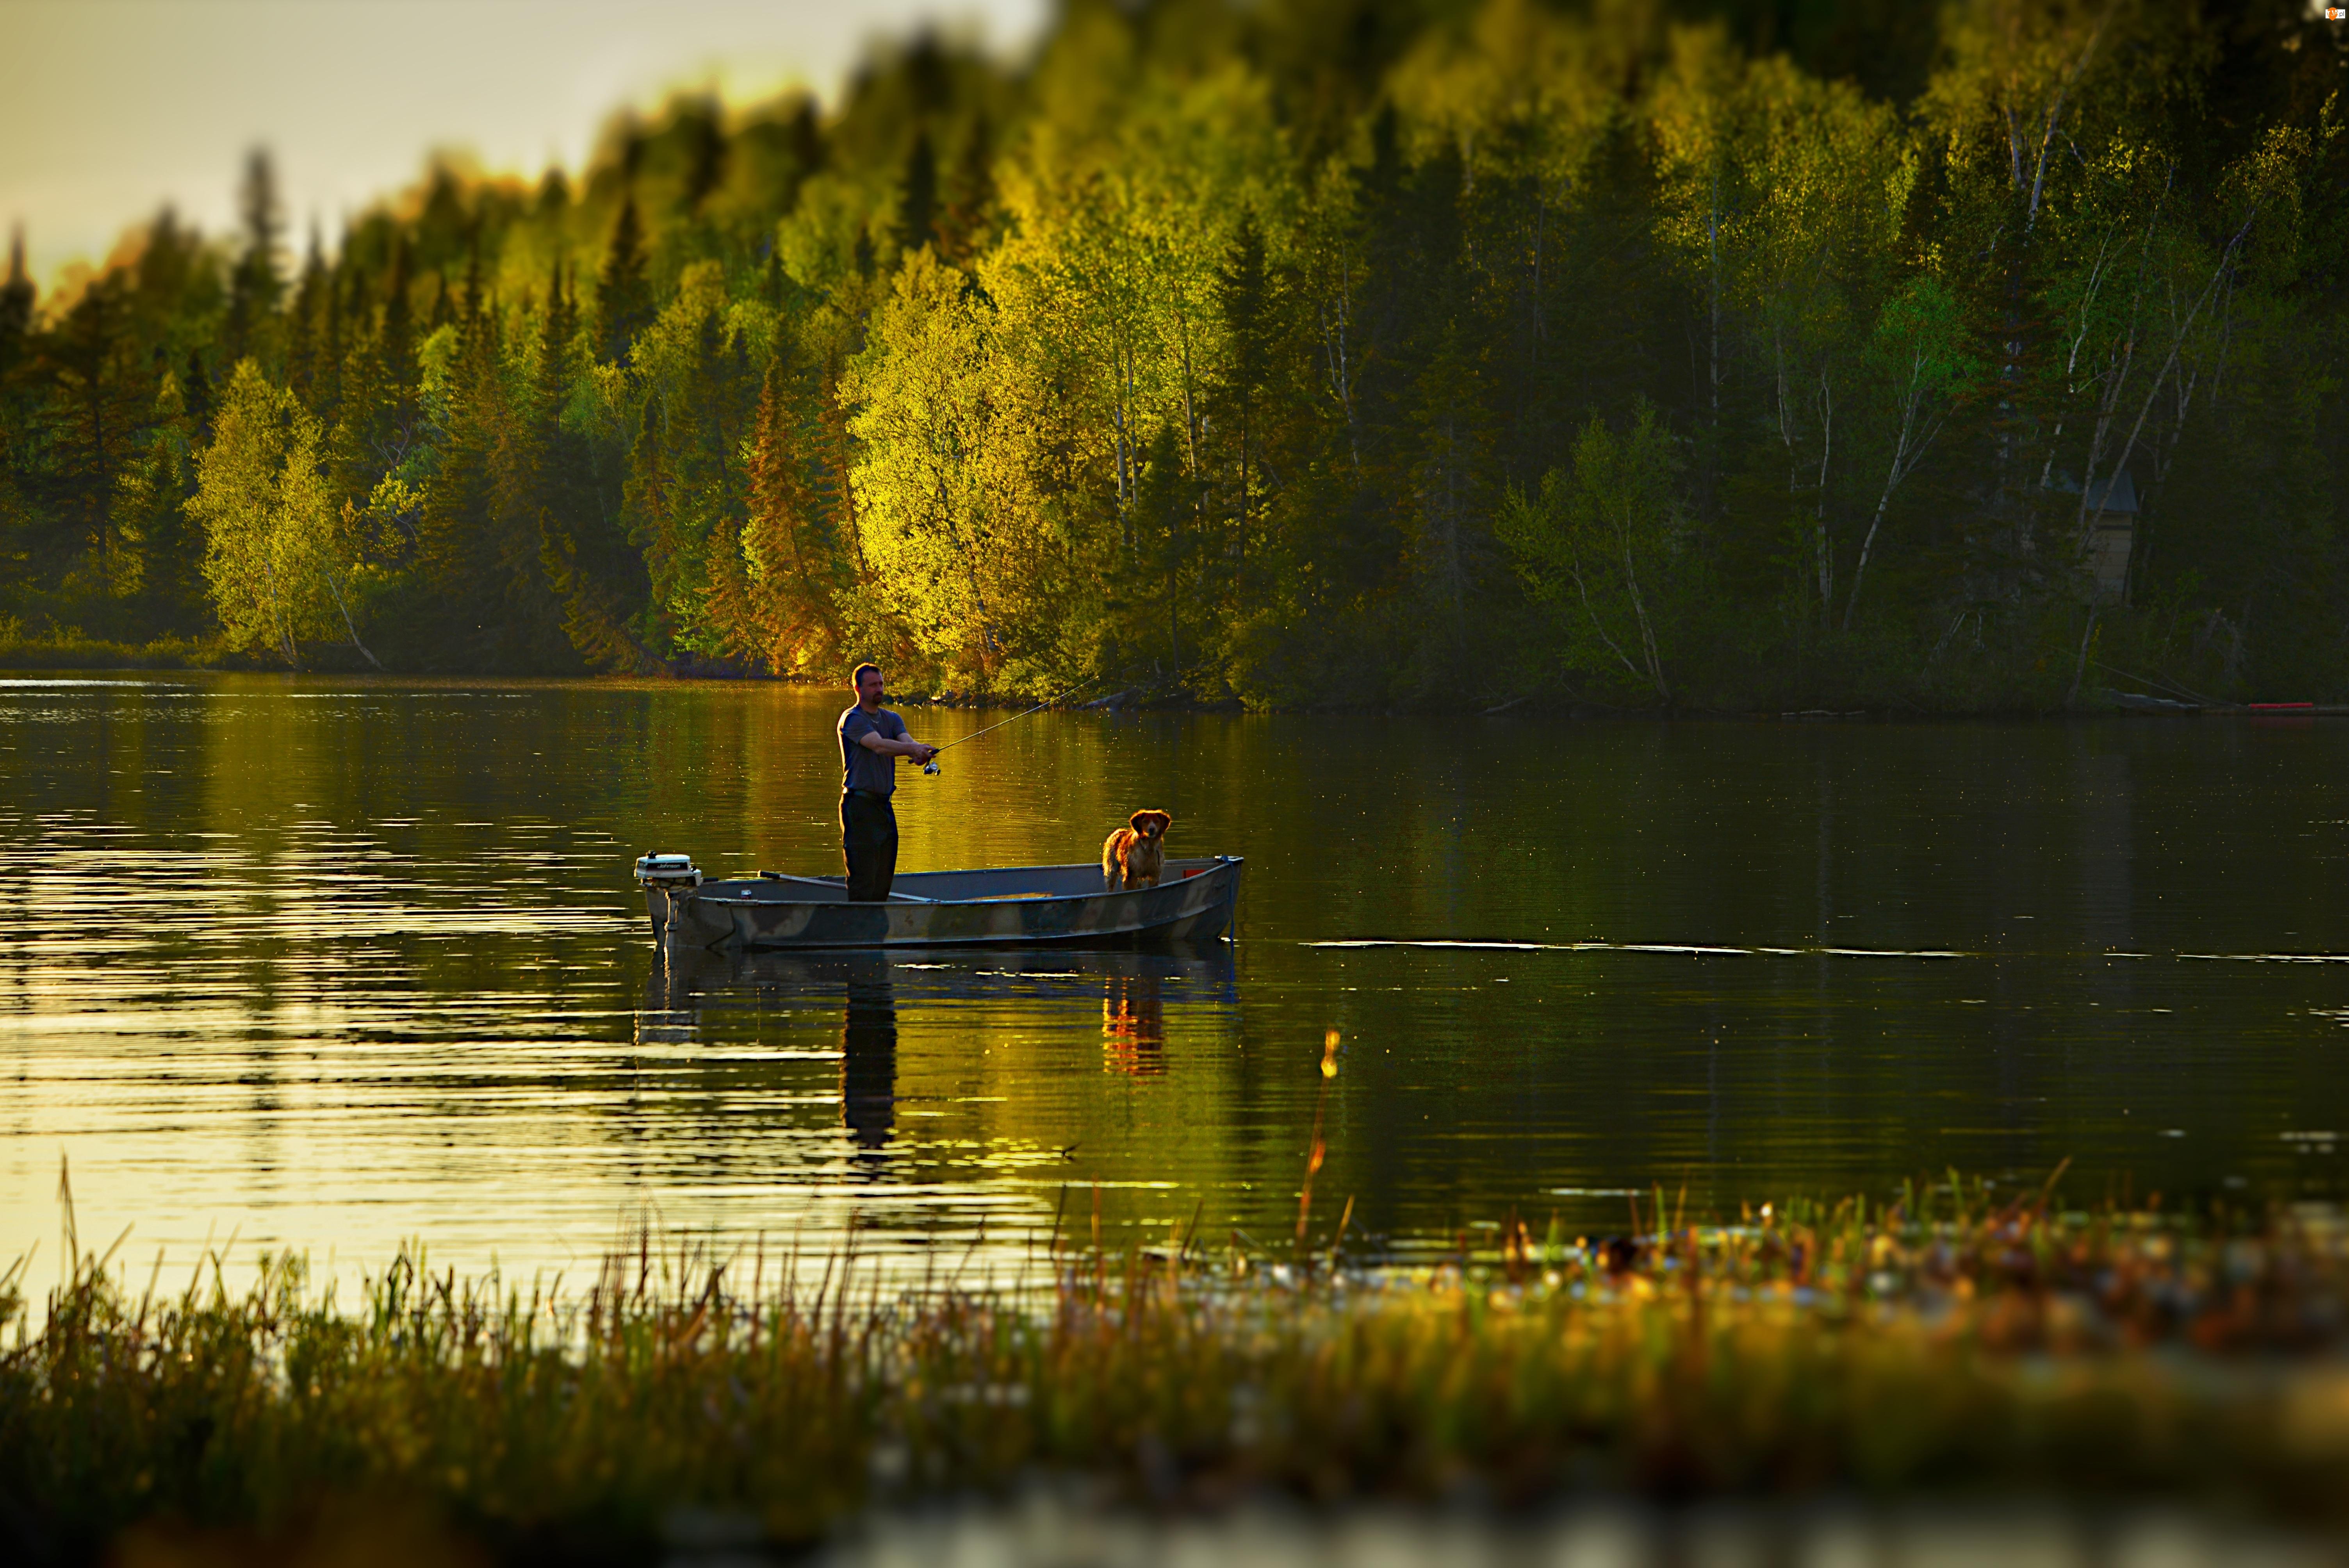 Wędkarz, Drzewa, Jezioro, Wędkowanie, Łódka, Pies